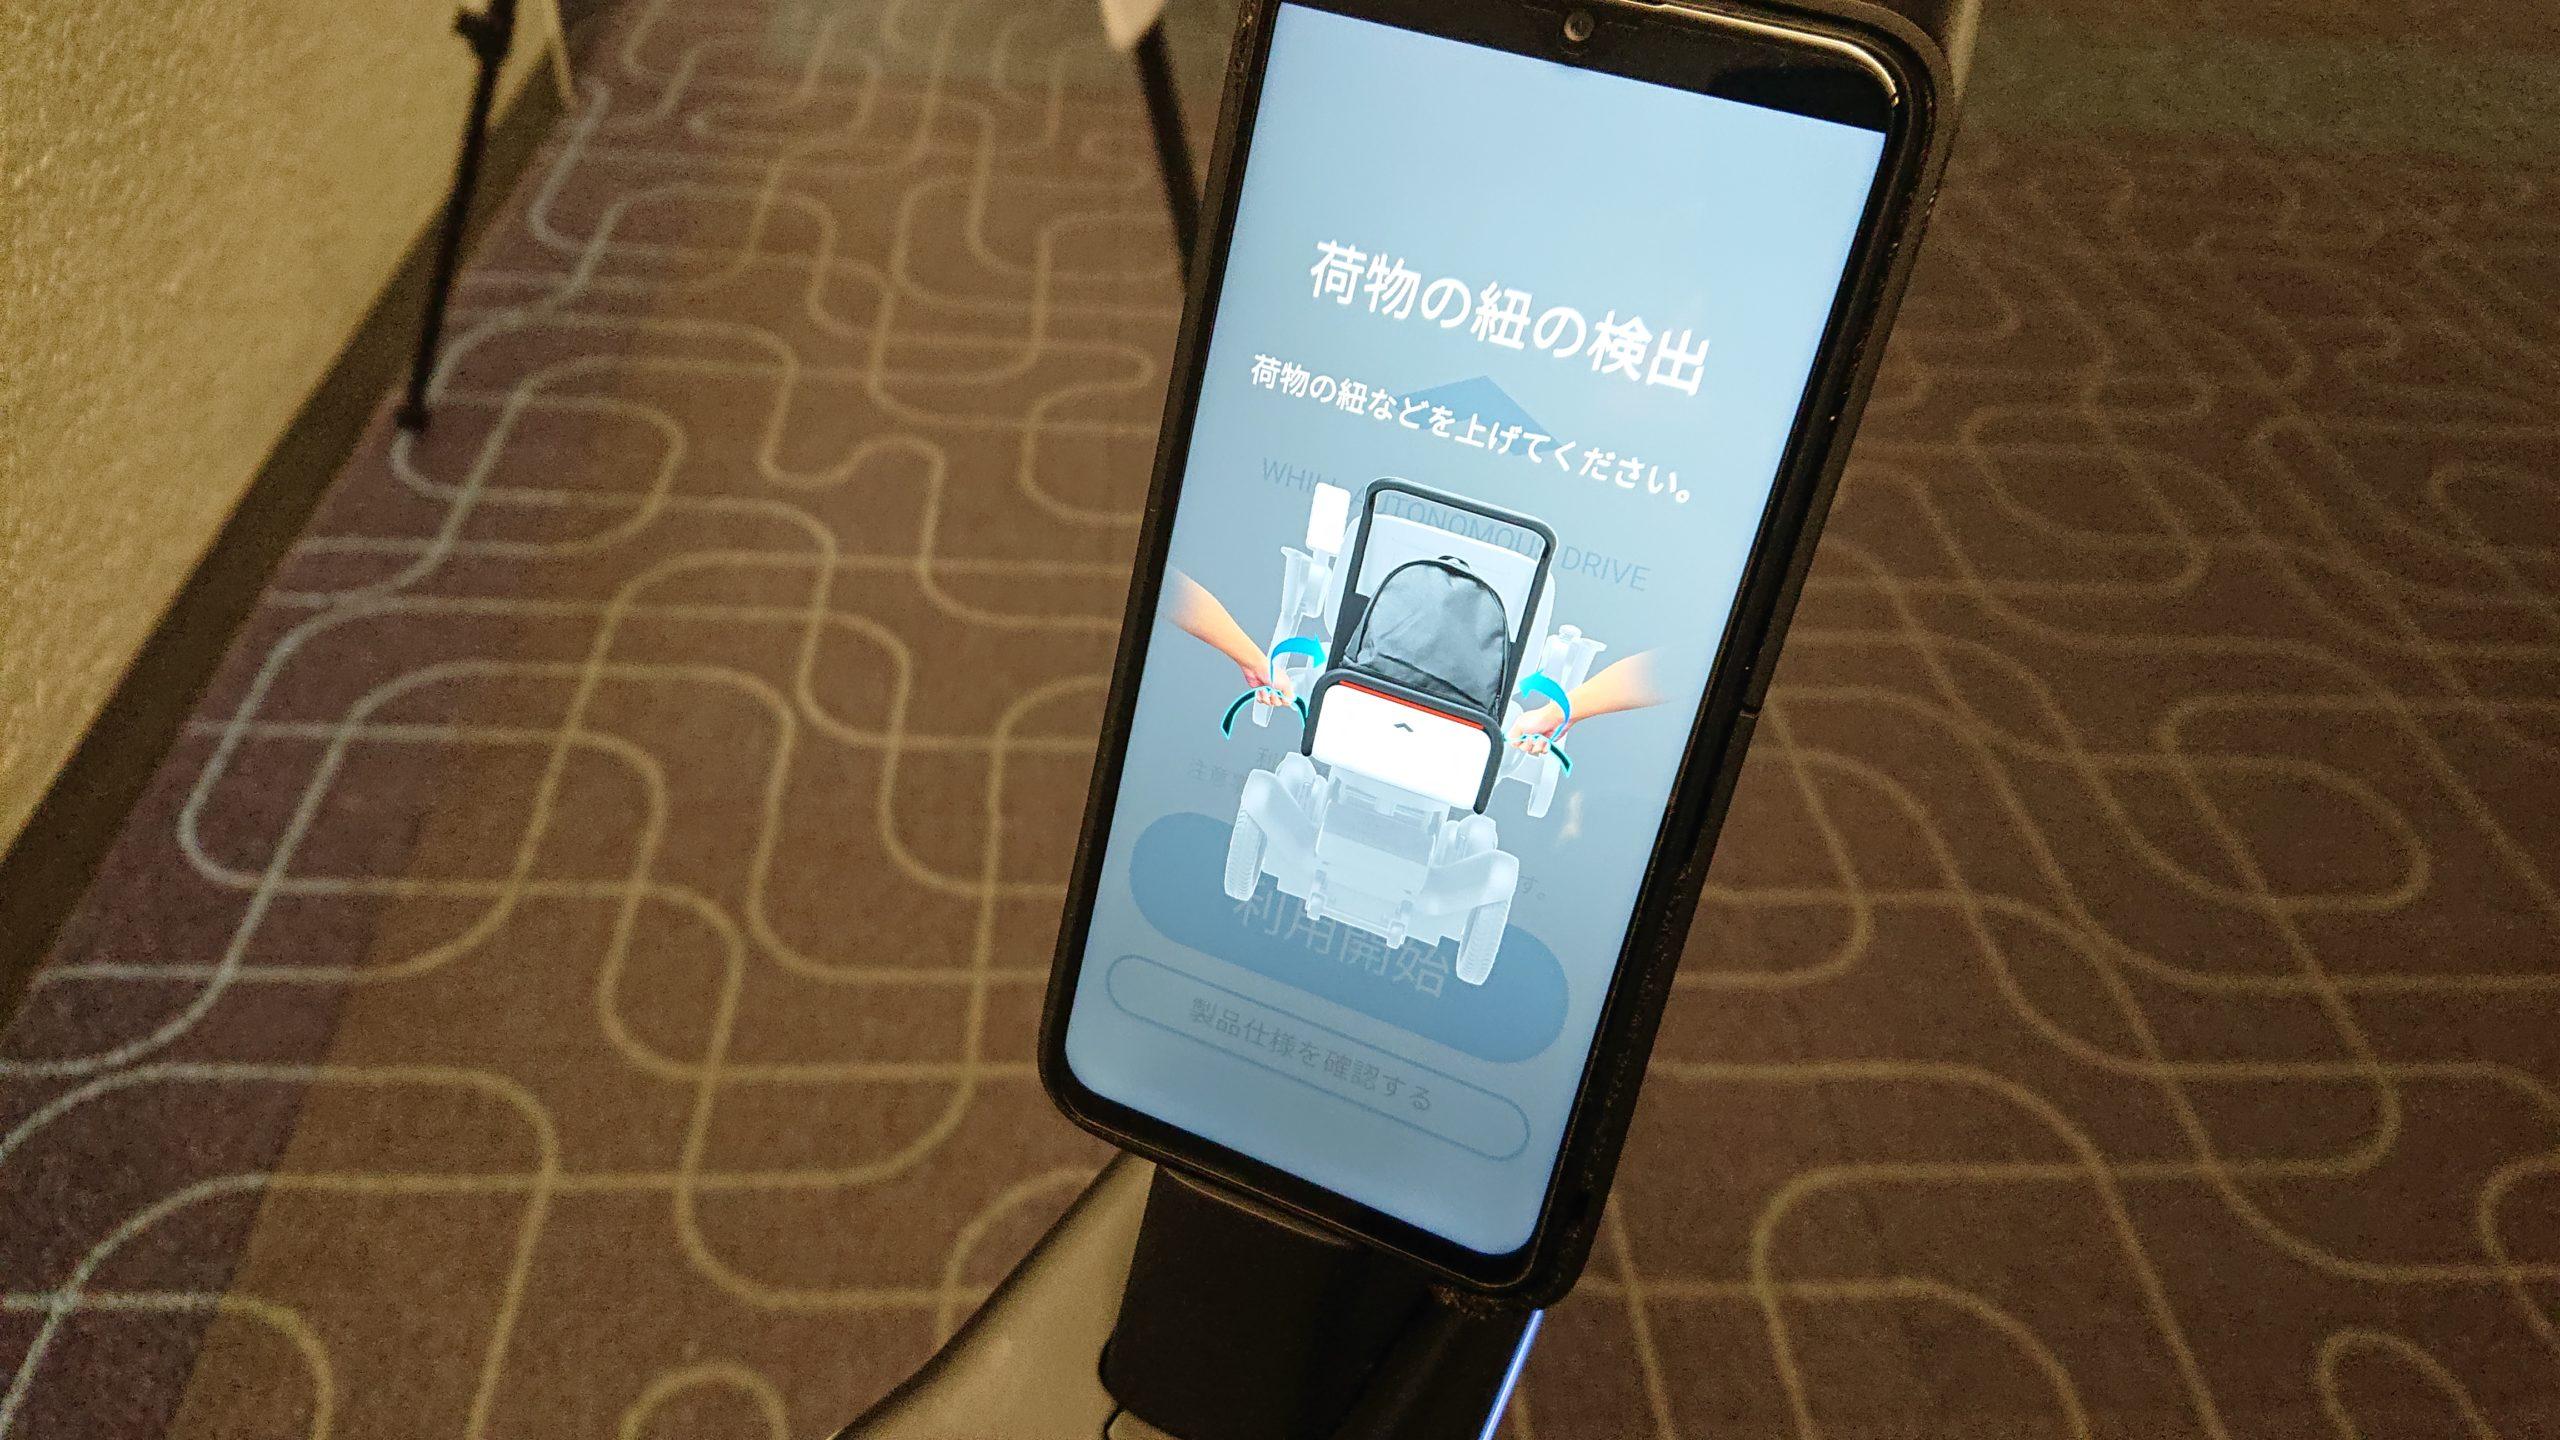 羽田空港第1ターミナル内の自動運転パーソナルモビリティが荷物の紐を感知してアラートを出している画面